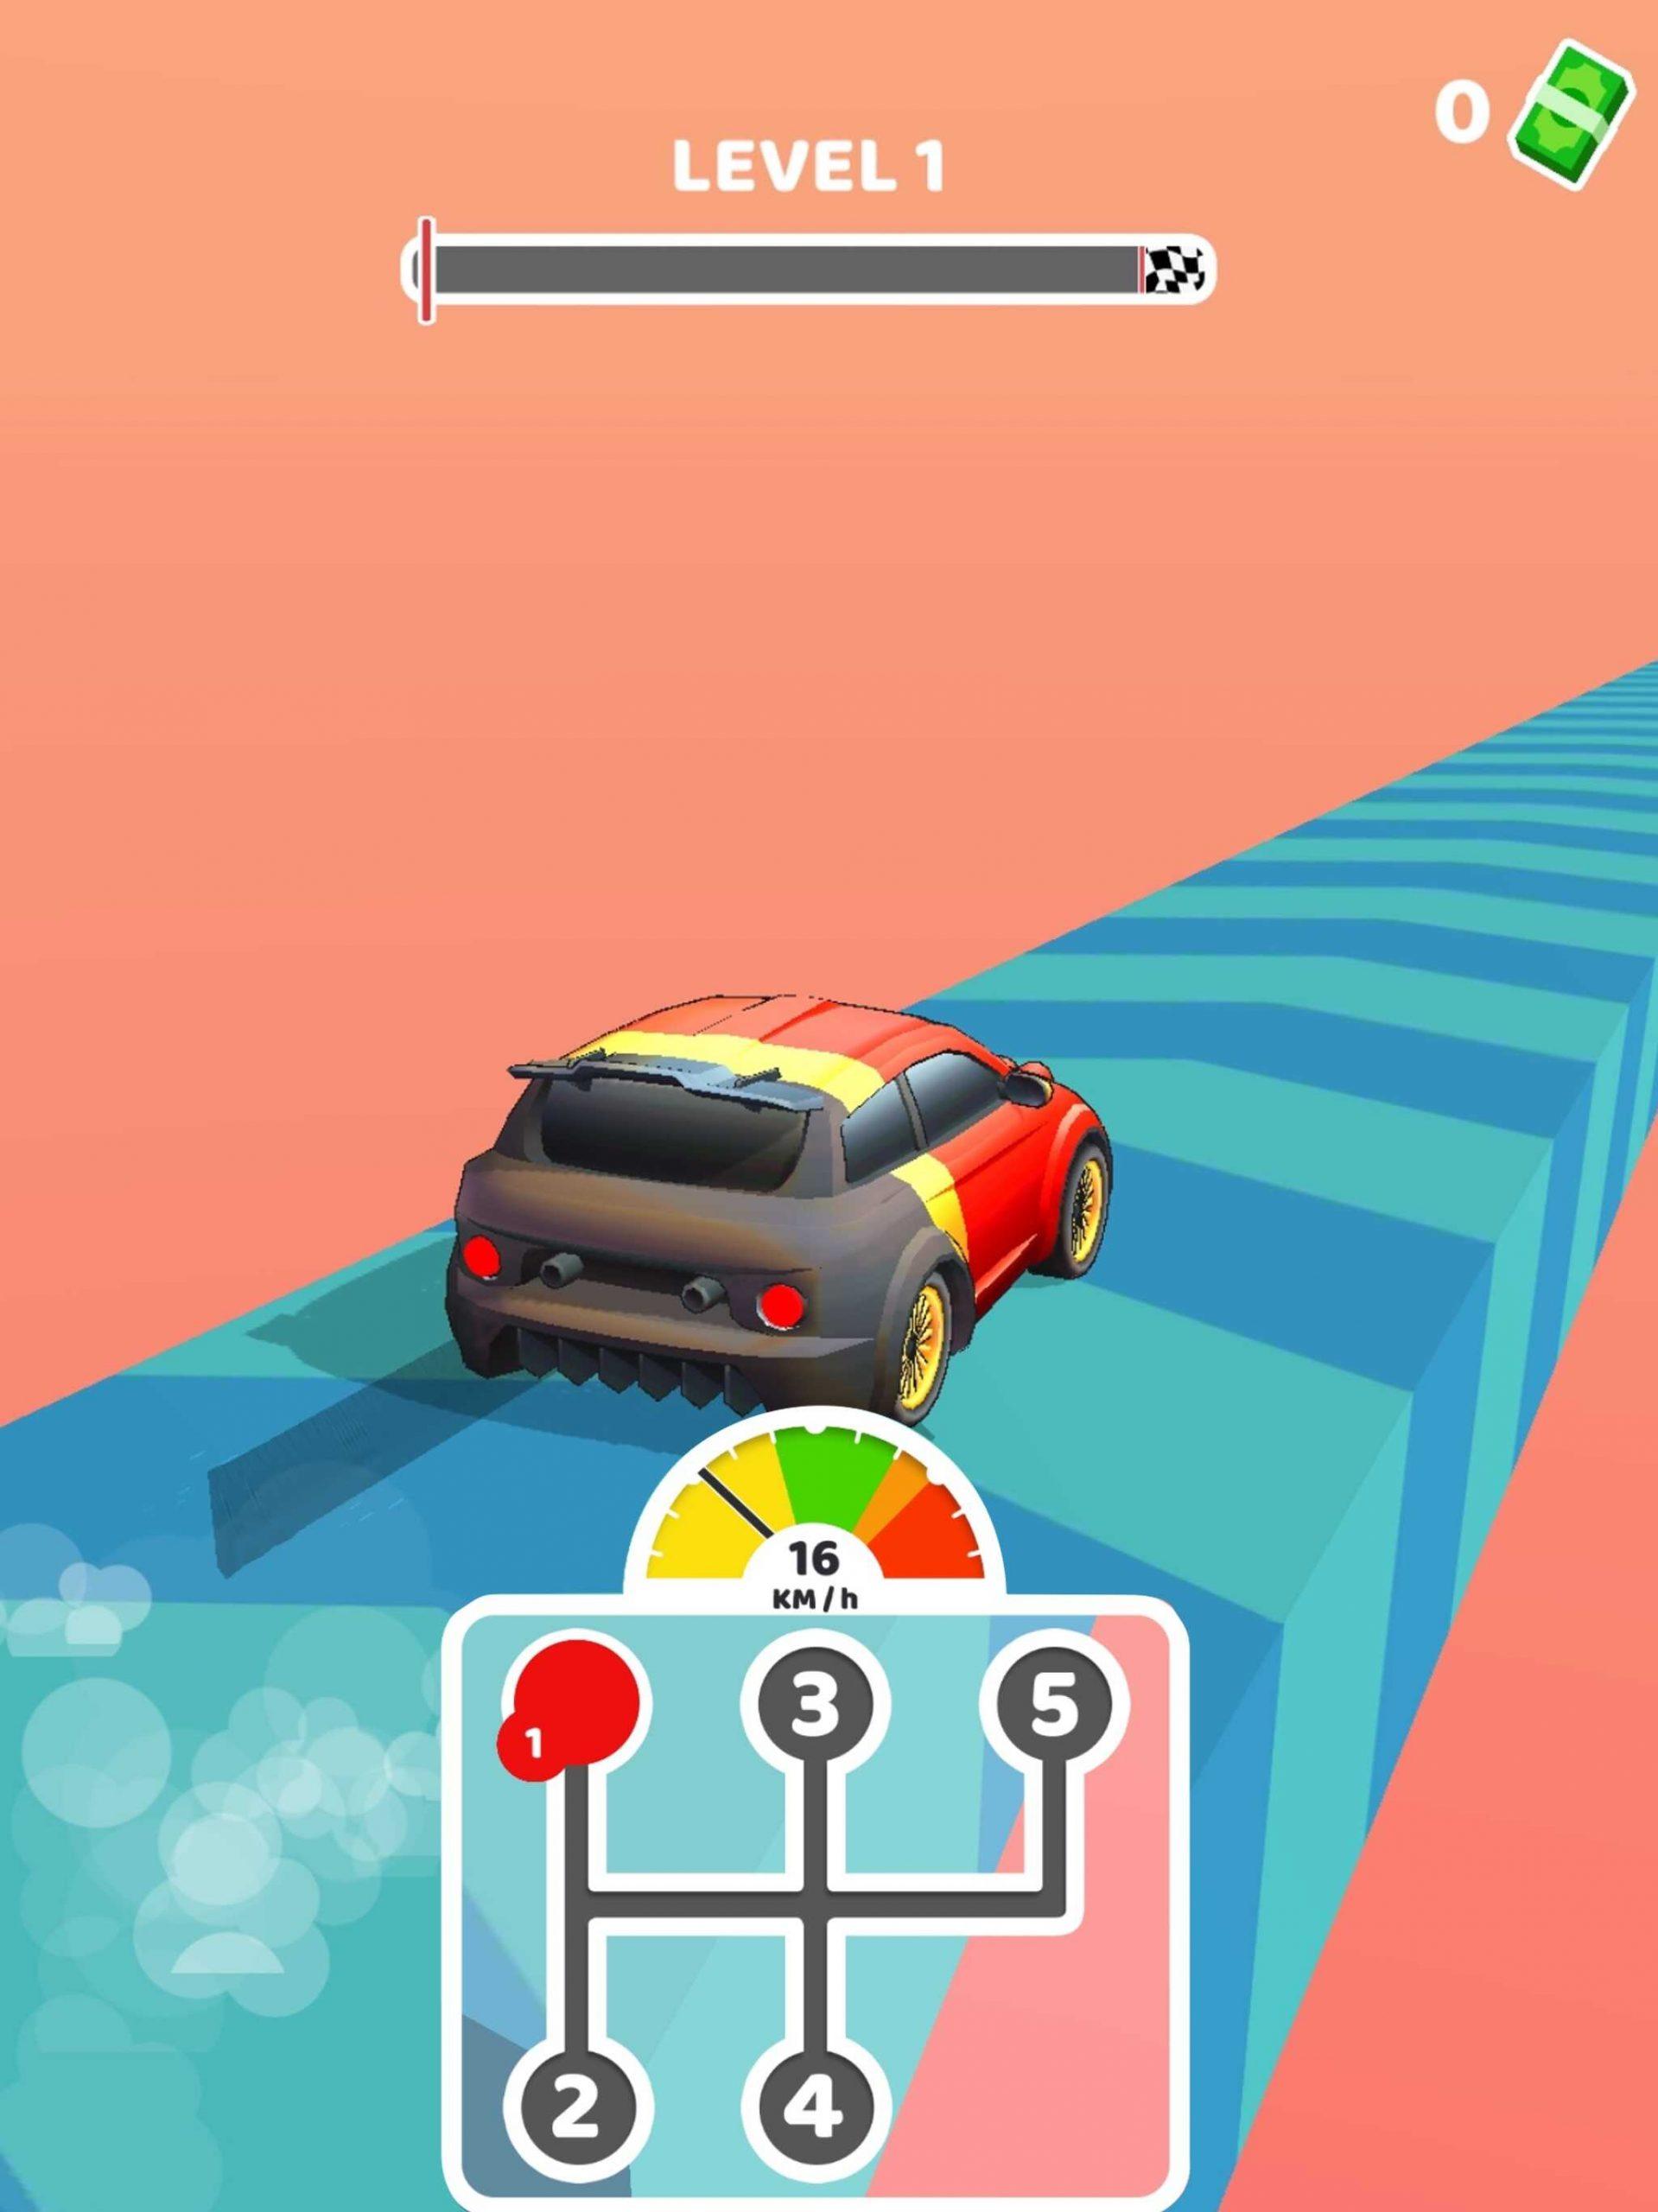 「Gear Race 3D」をプレイ! ハイパーカジュアルゲームとしての評価は?